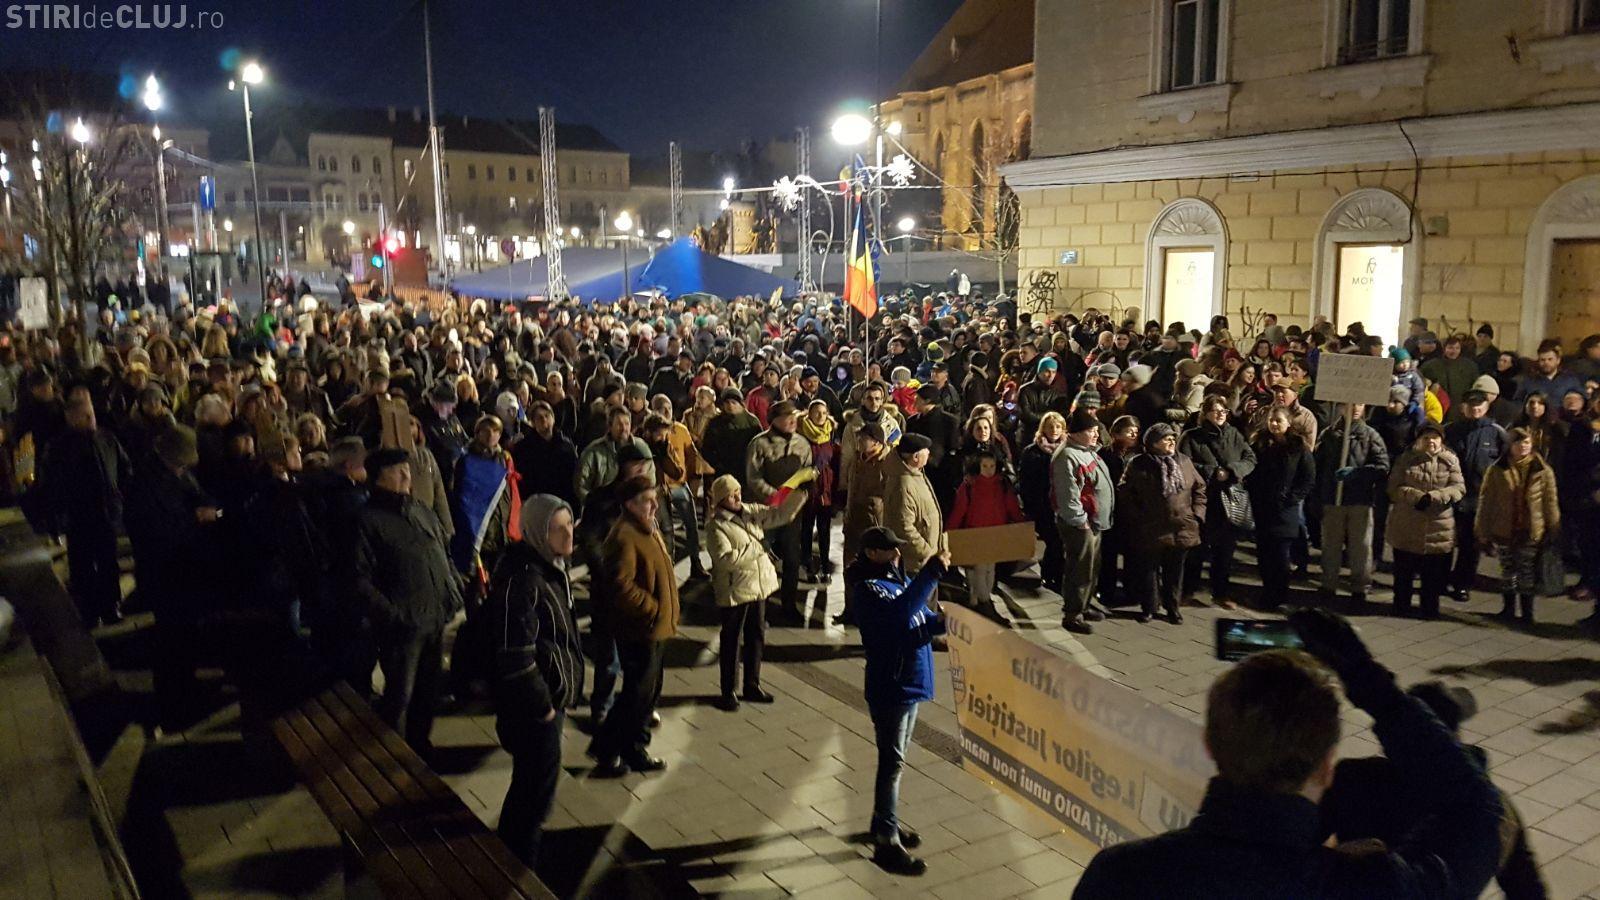 UPDATE: Peste 10.000 de oameni au protestat la Cluj-Napoca, sâmbătă seara - VIDEO